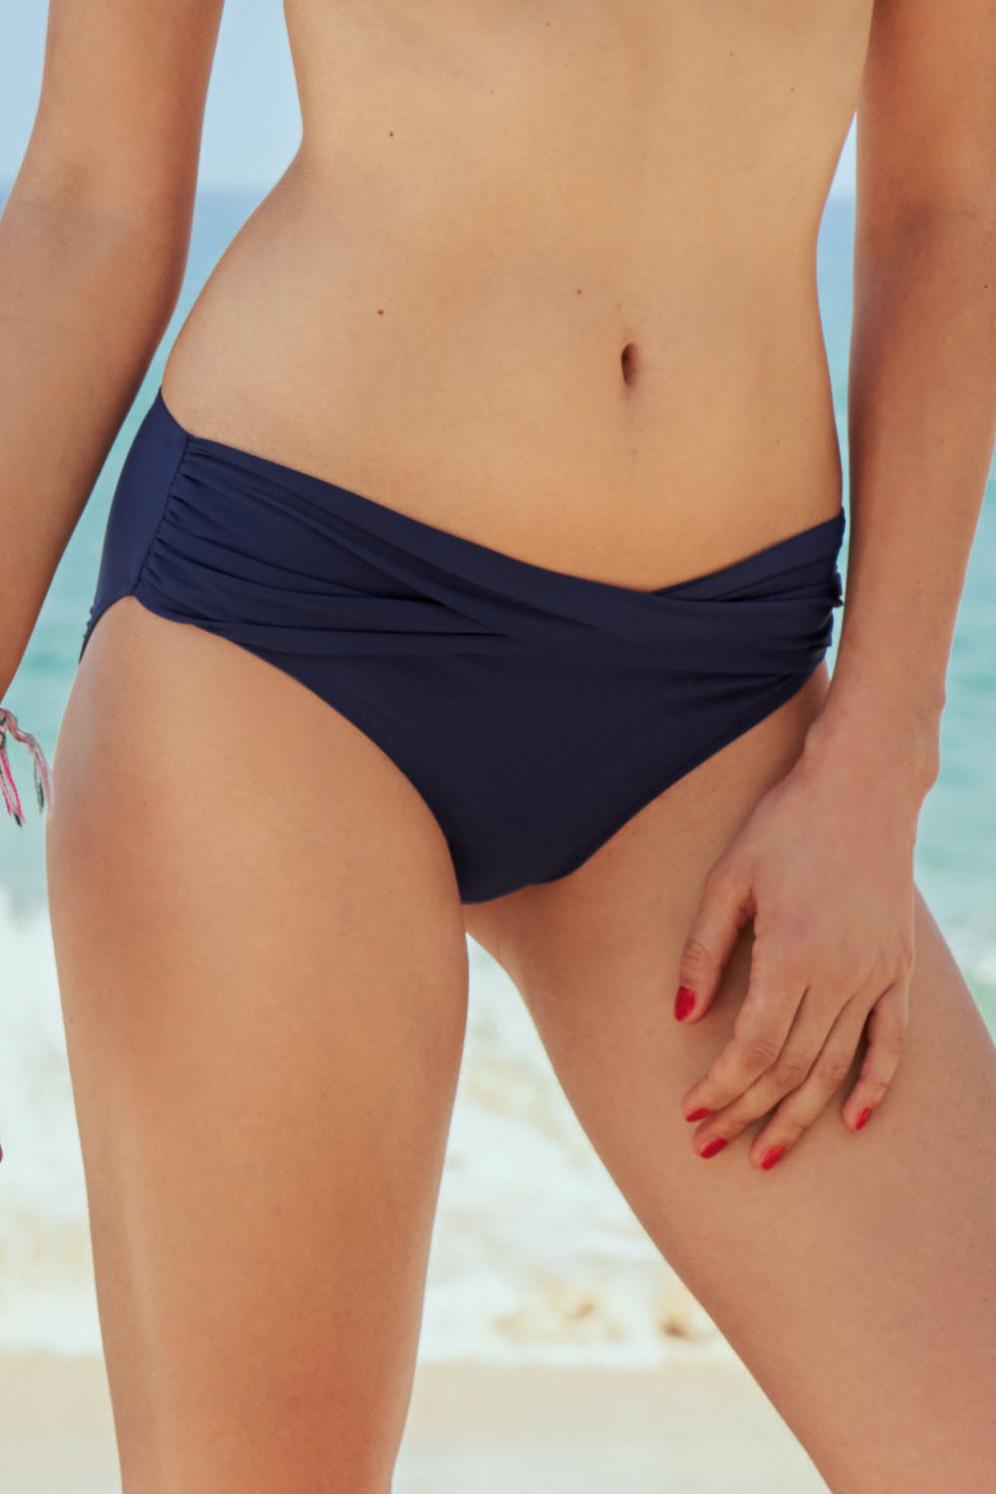 0f0093a85c8cd3 Vergrößern Abbildung zu Bikini-Slip Liz (L4 8707-0) der Marke Rosa Faia ...